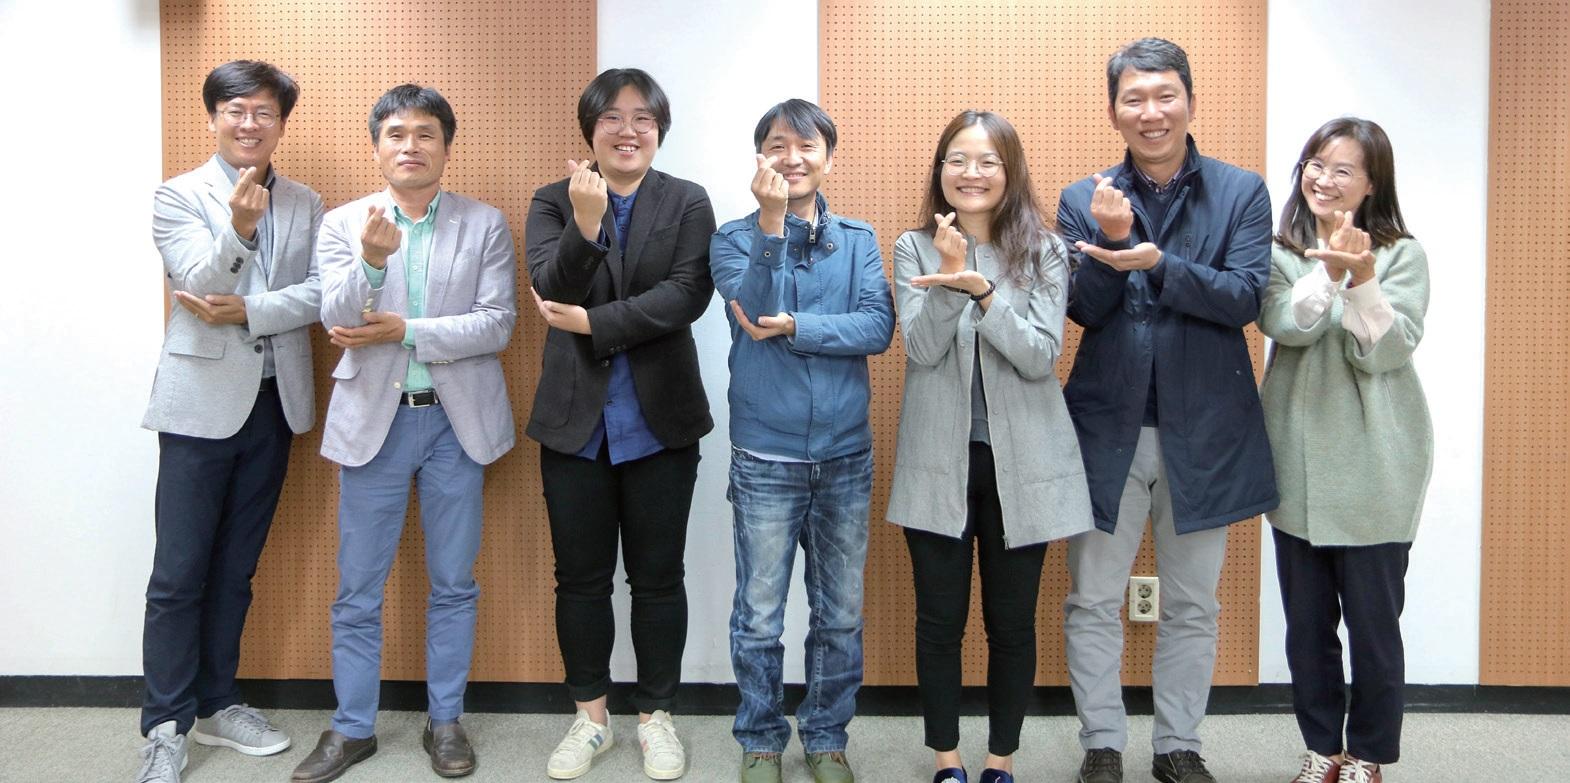 대산농촌문화 통권 100호 기념 좌담회가 끝나고 참석자들이 함께 기념촬영을 했다.